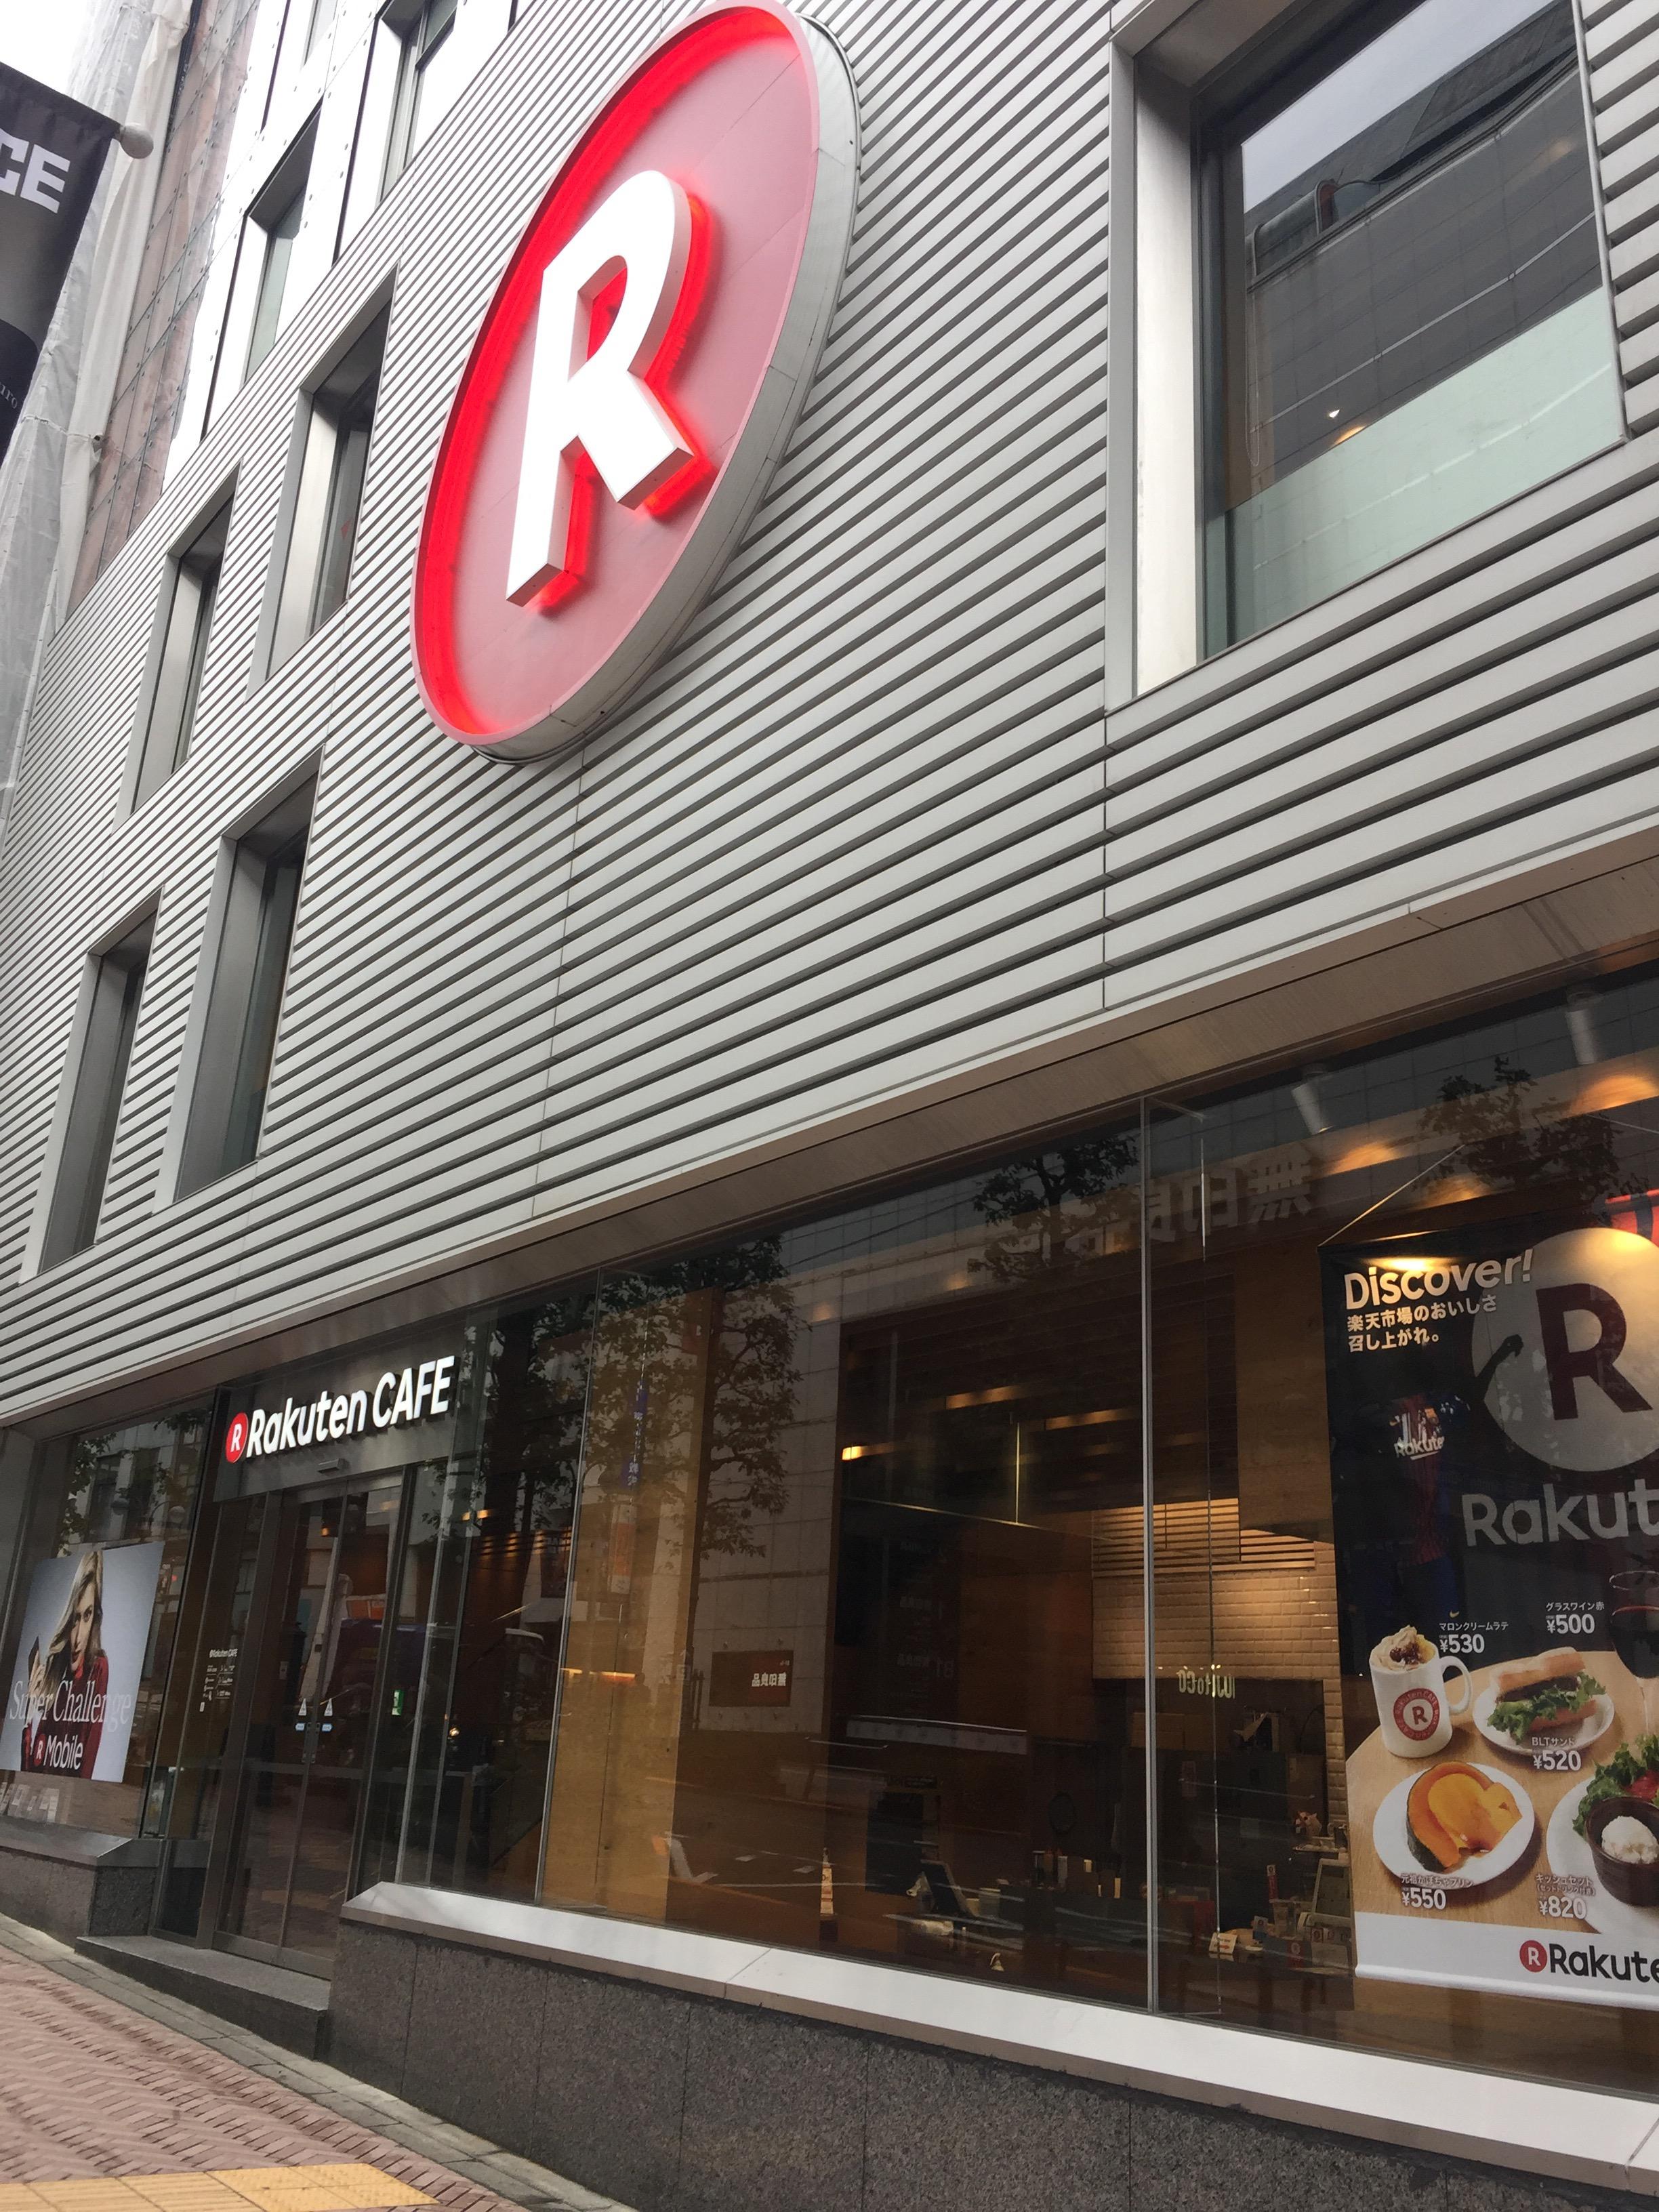 【渋谷電源カフェなら】楽天カフェ 渋谷公園通り店がオススメ